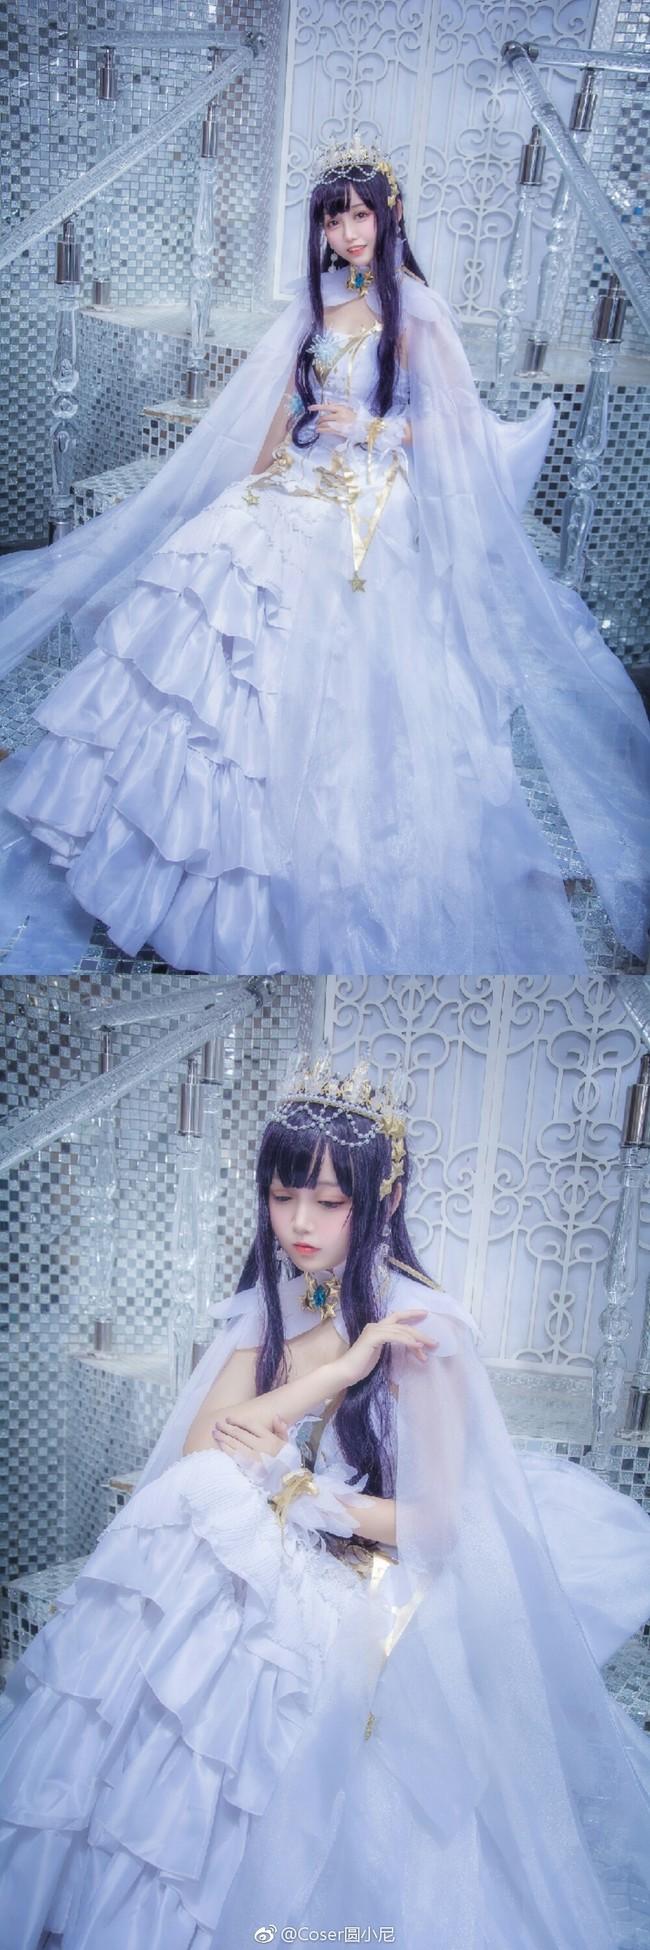 魔卡少女樱:知世冰雪女王